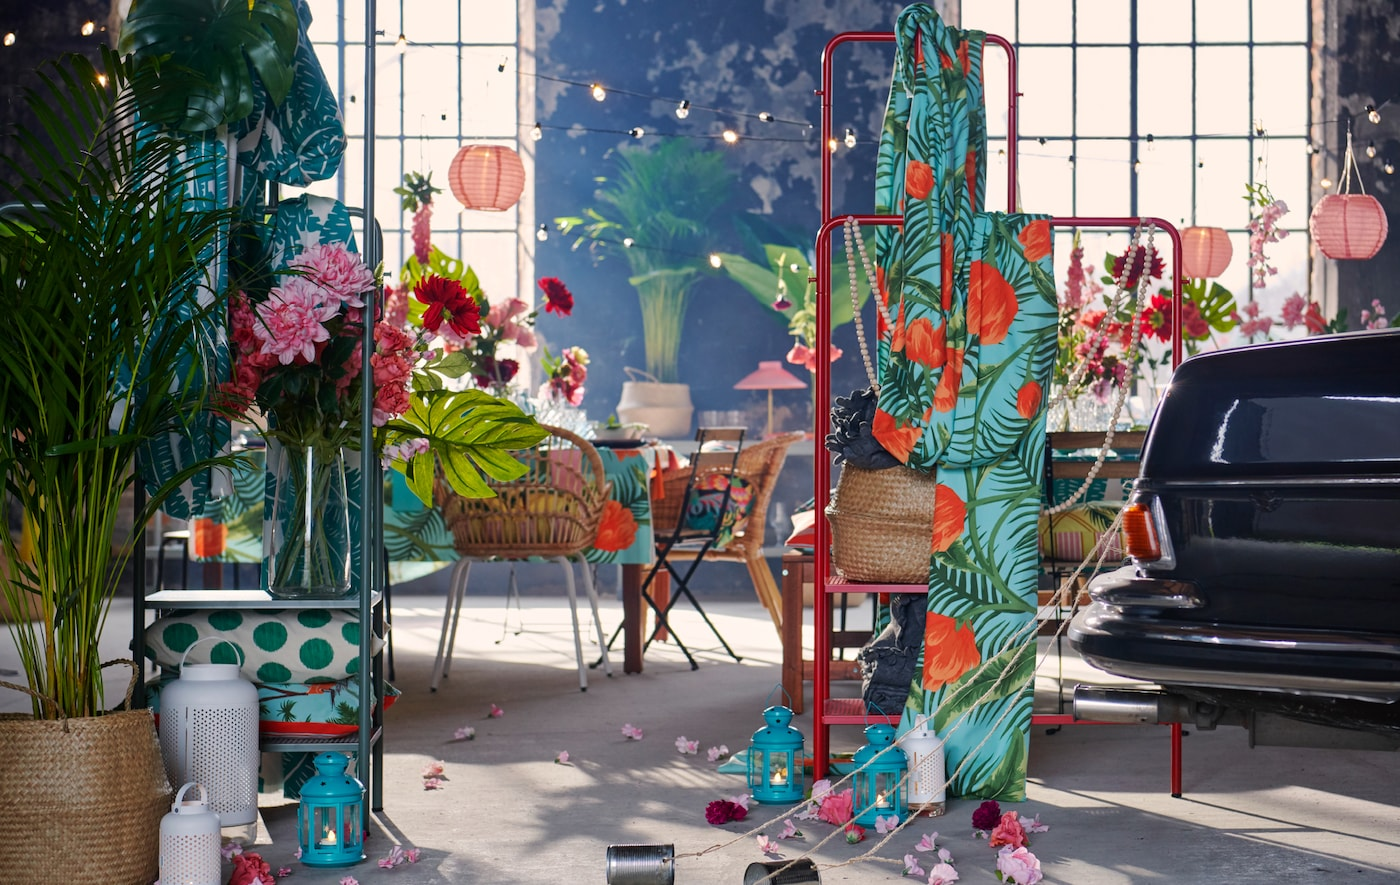 Prostran, industrijski interijer pripremljen za zabavu uz tekstile, ukrase, biljke i zadnji kraj automobila s privezanim limenkama.